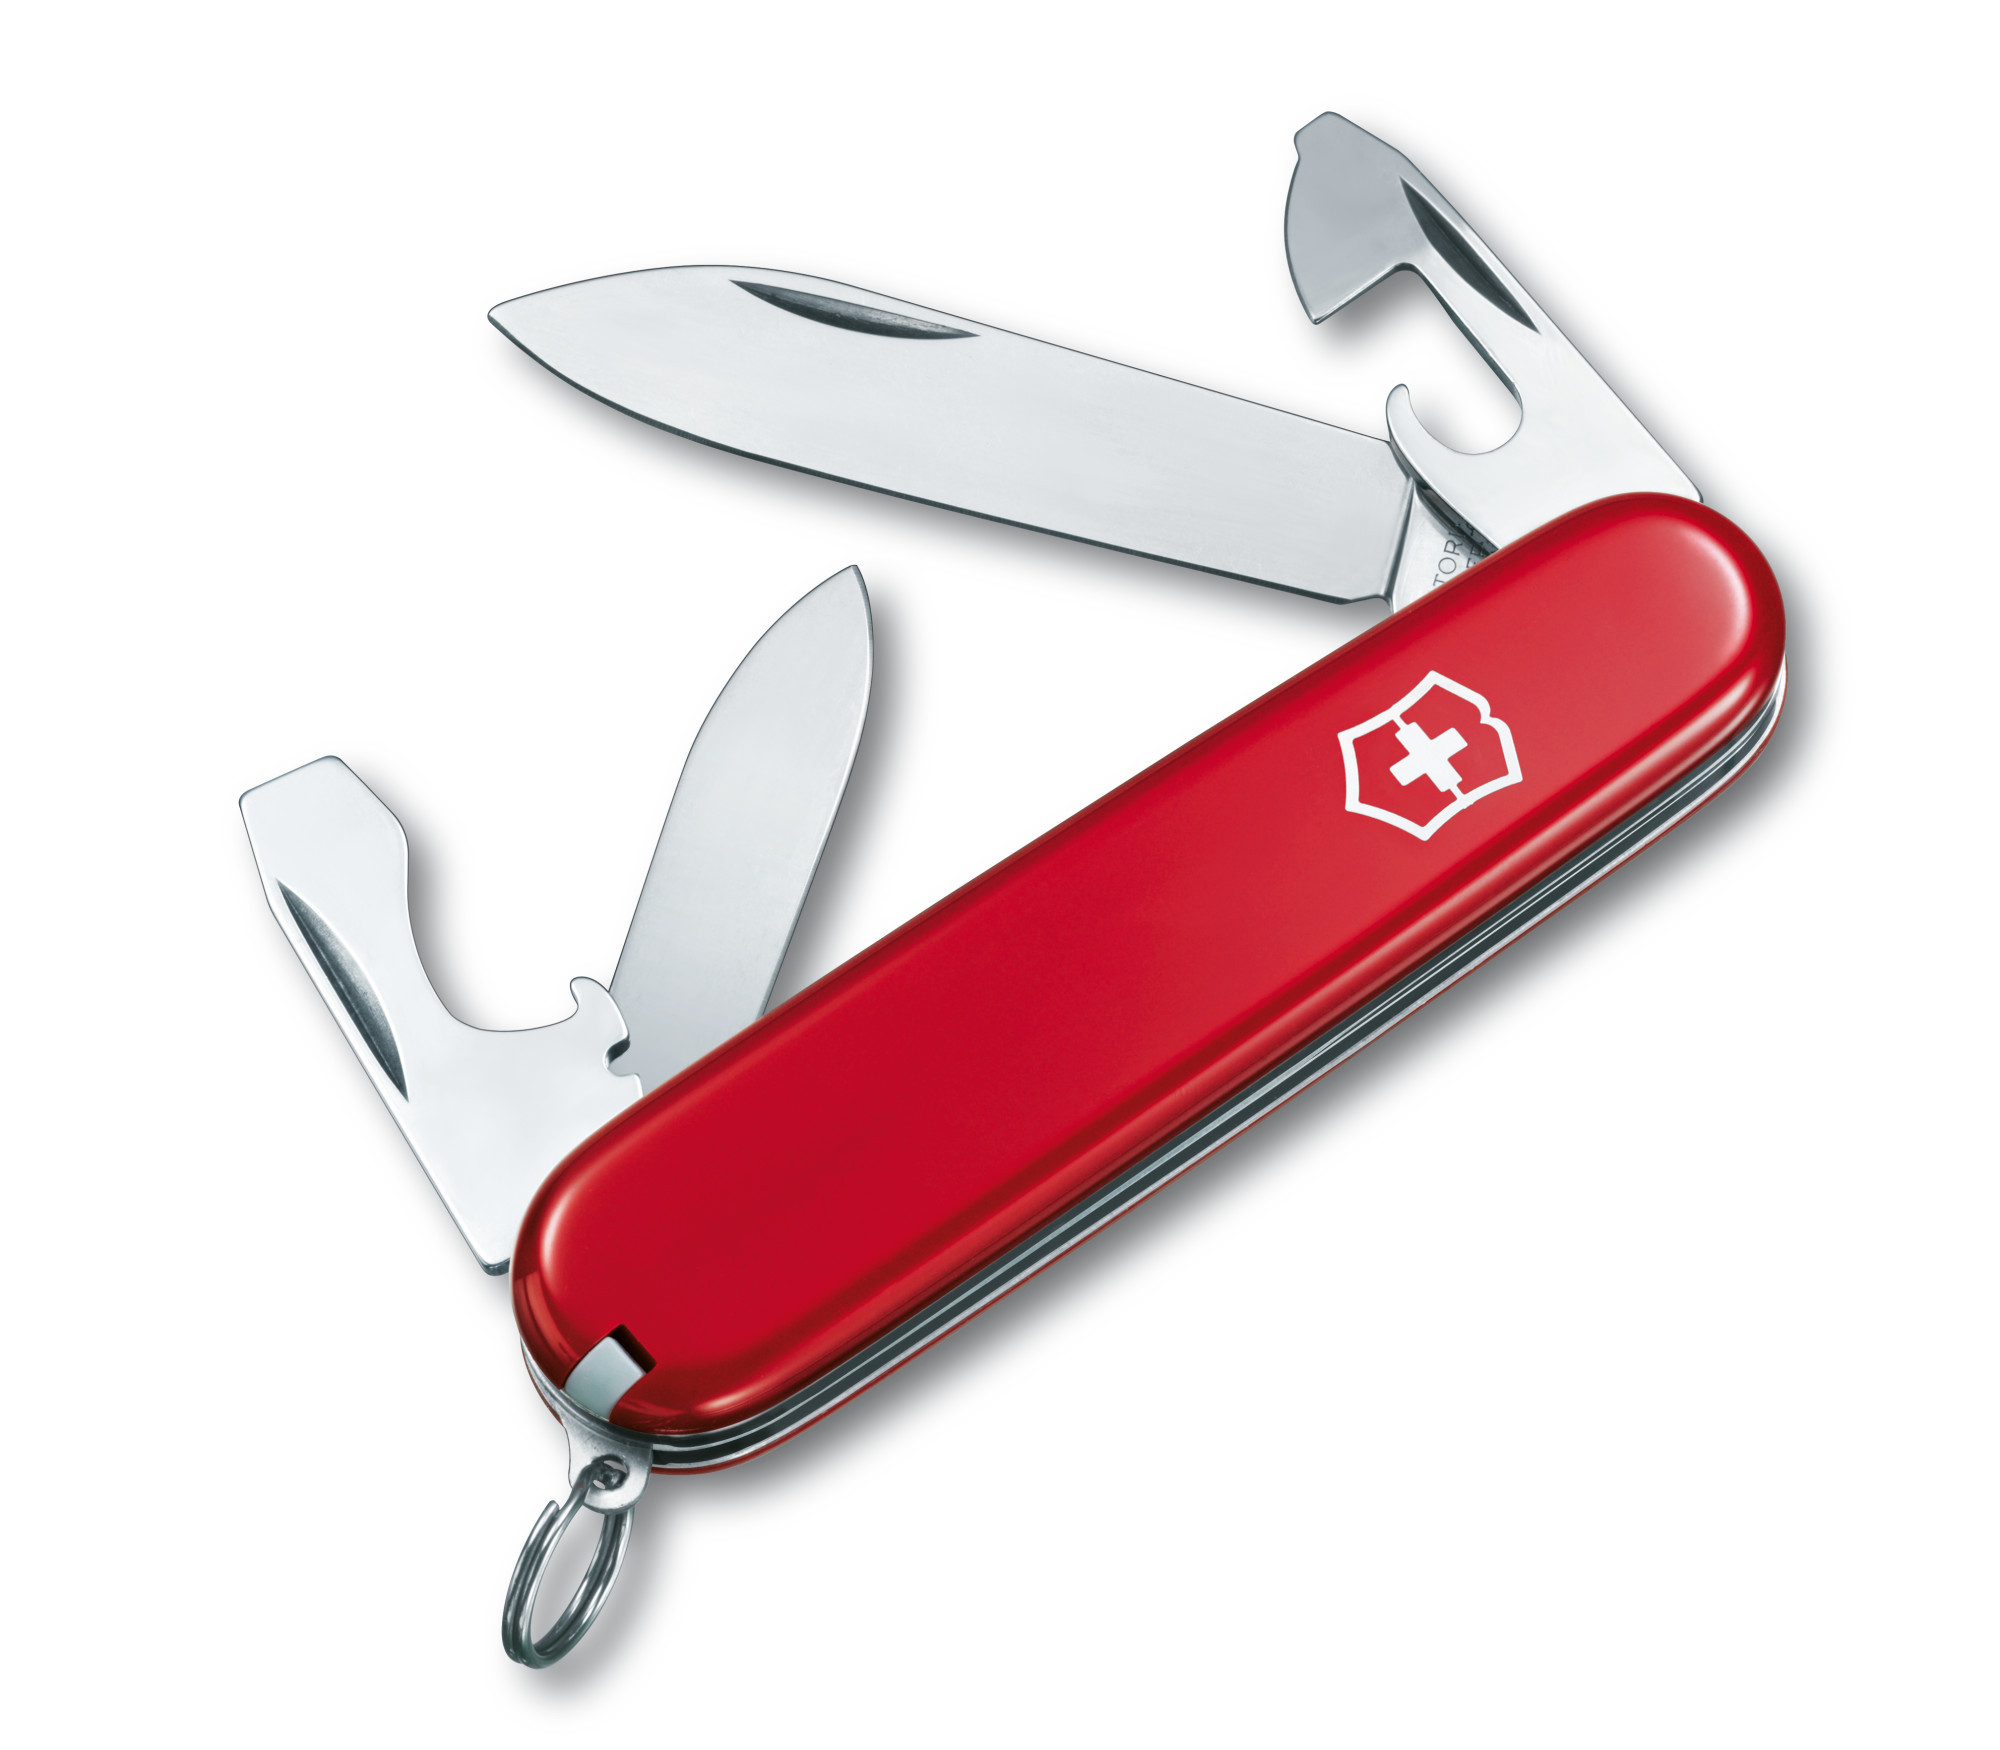 Нож Victorinox Recruit Red 84мм/10предм (0.2503)